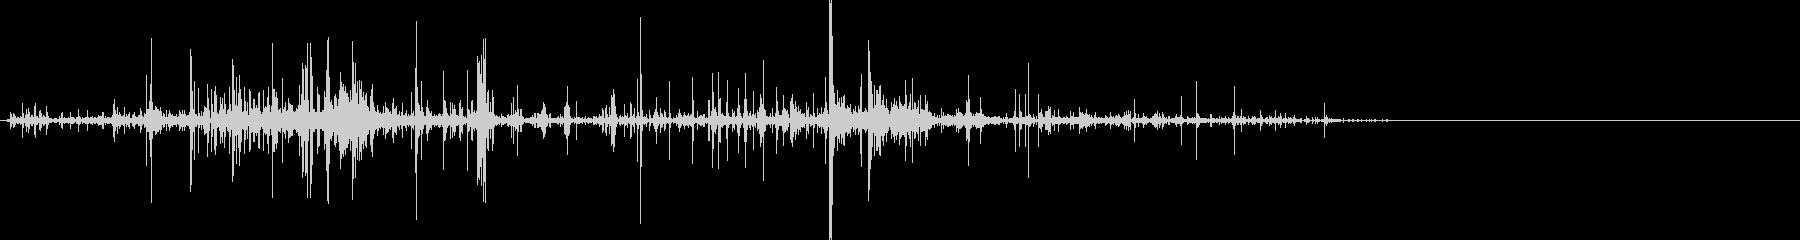 メリメリ引き千切る音3の未再生の波形